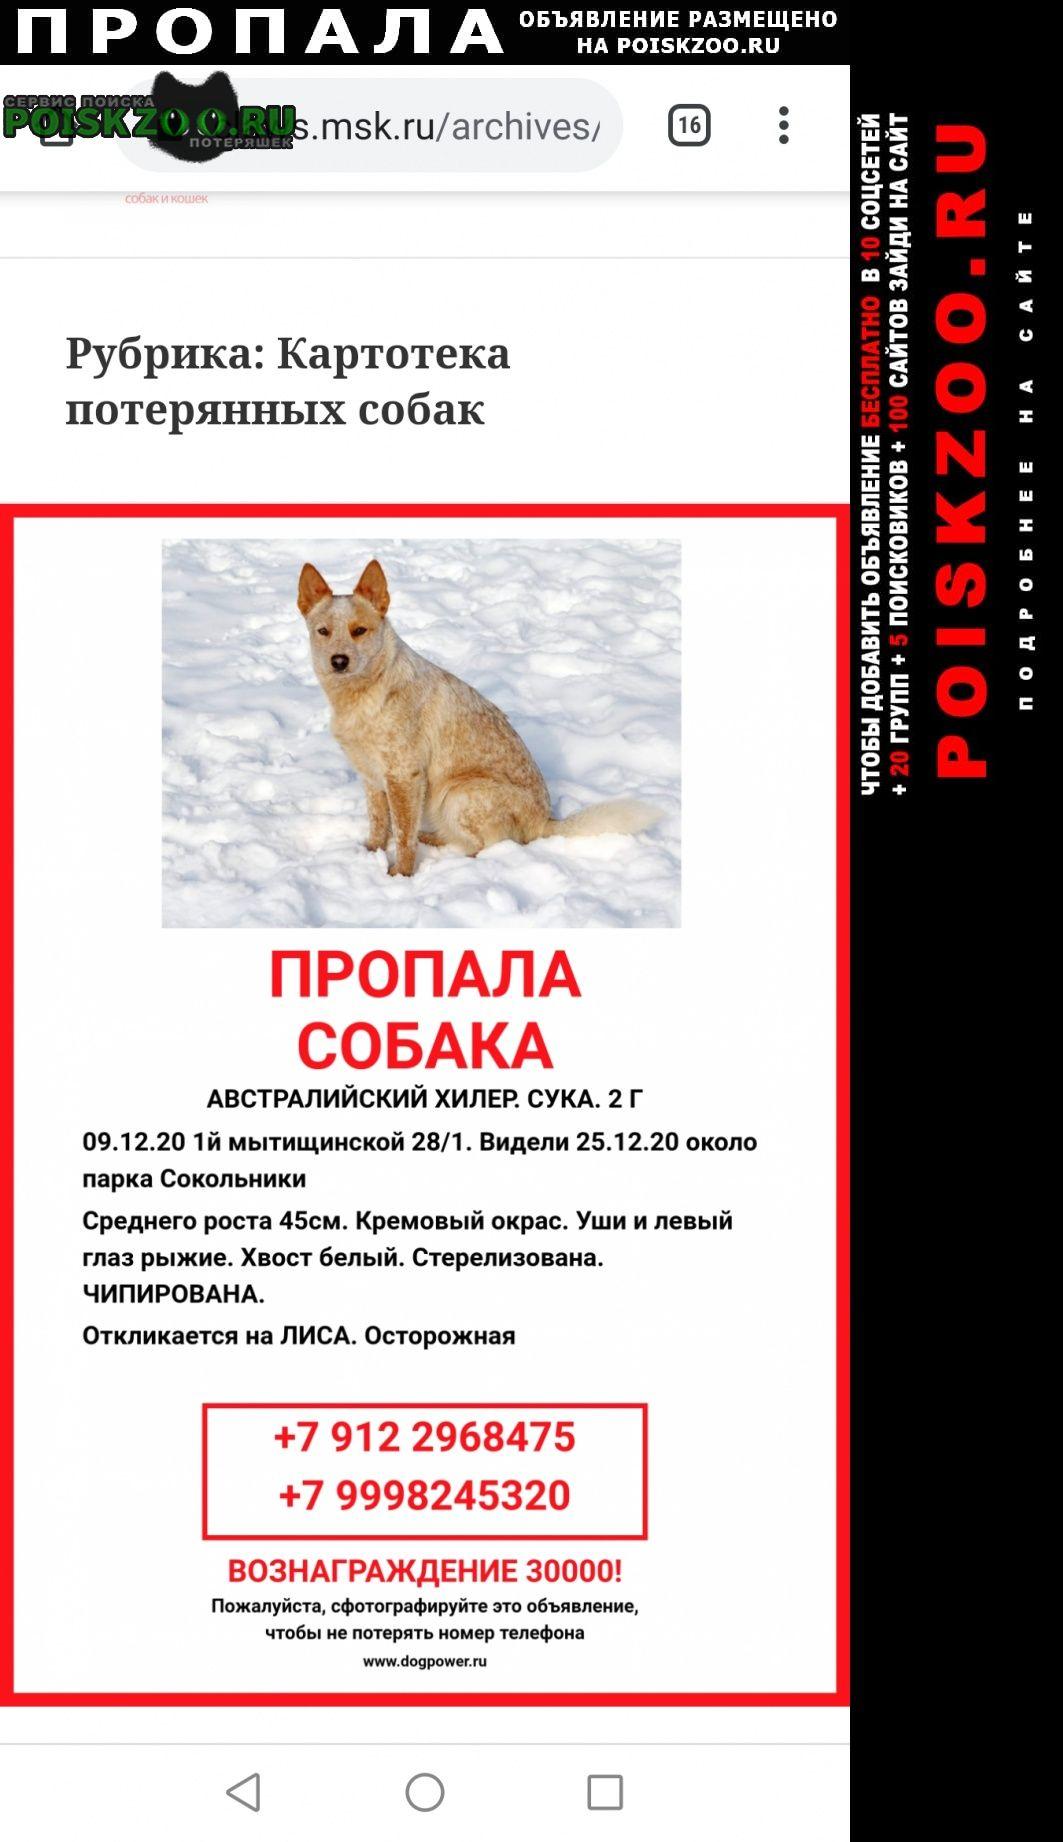 Пропала собака помогите найти собаку Москва